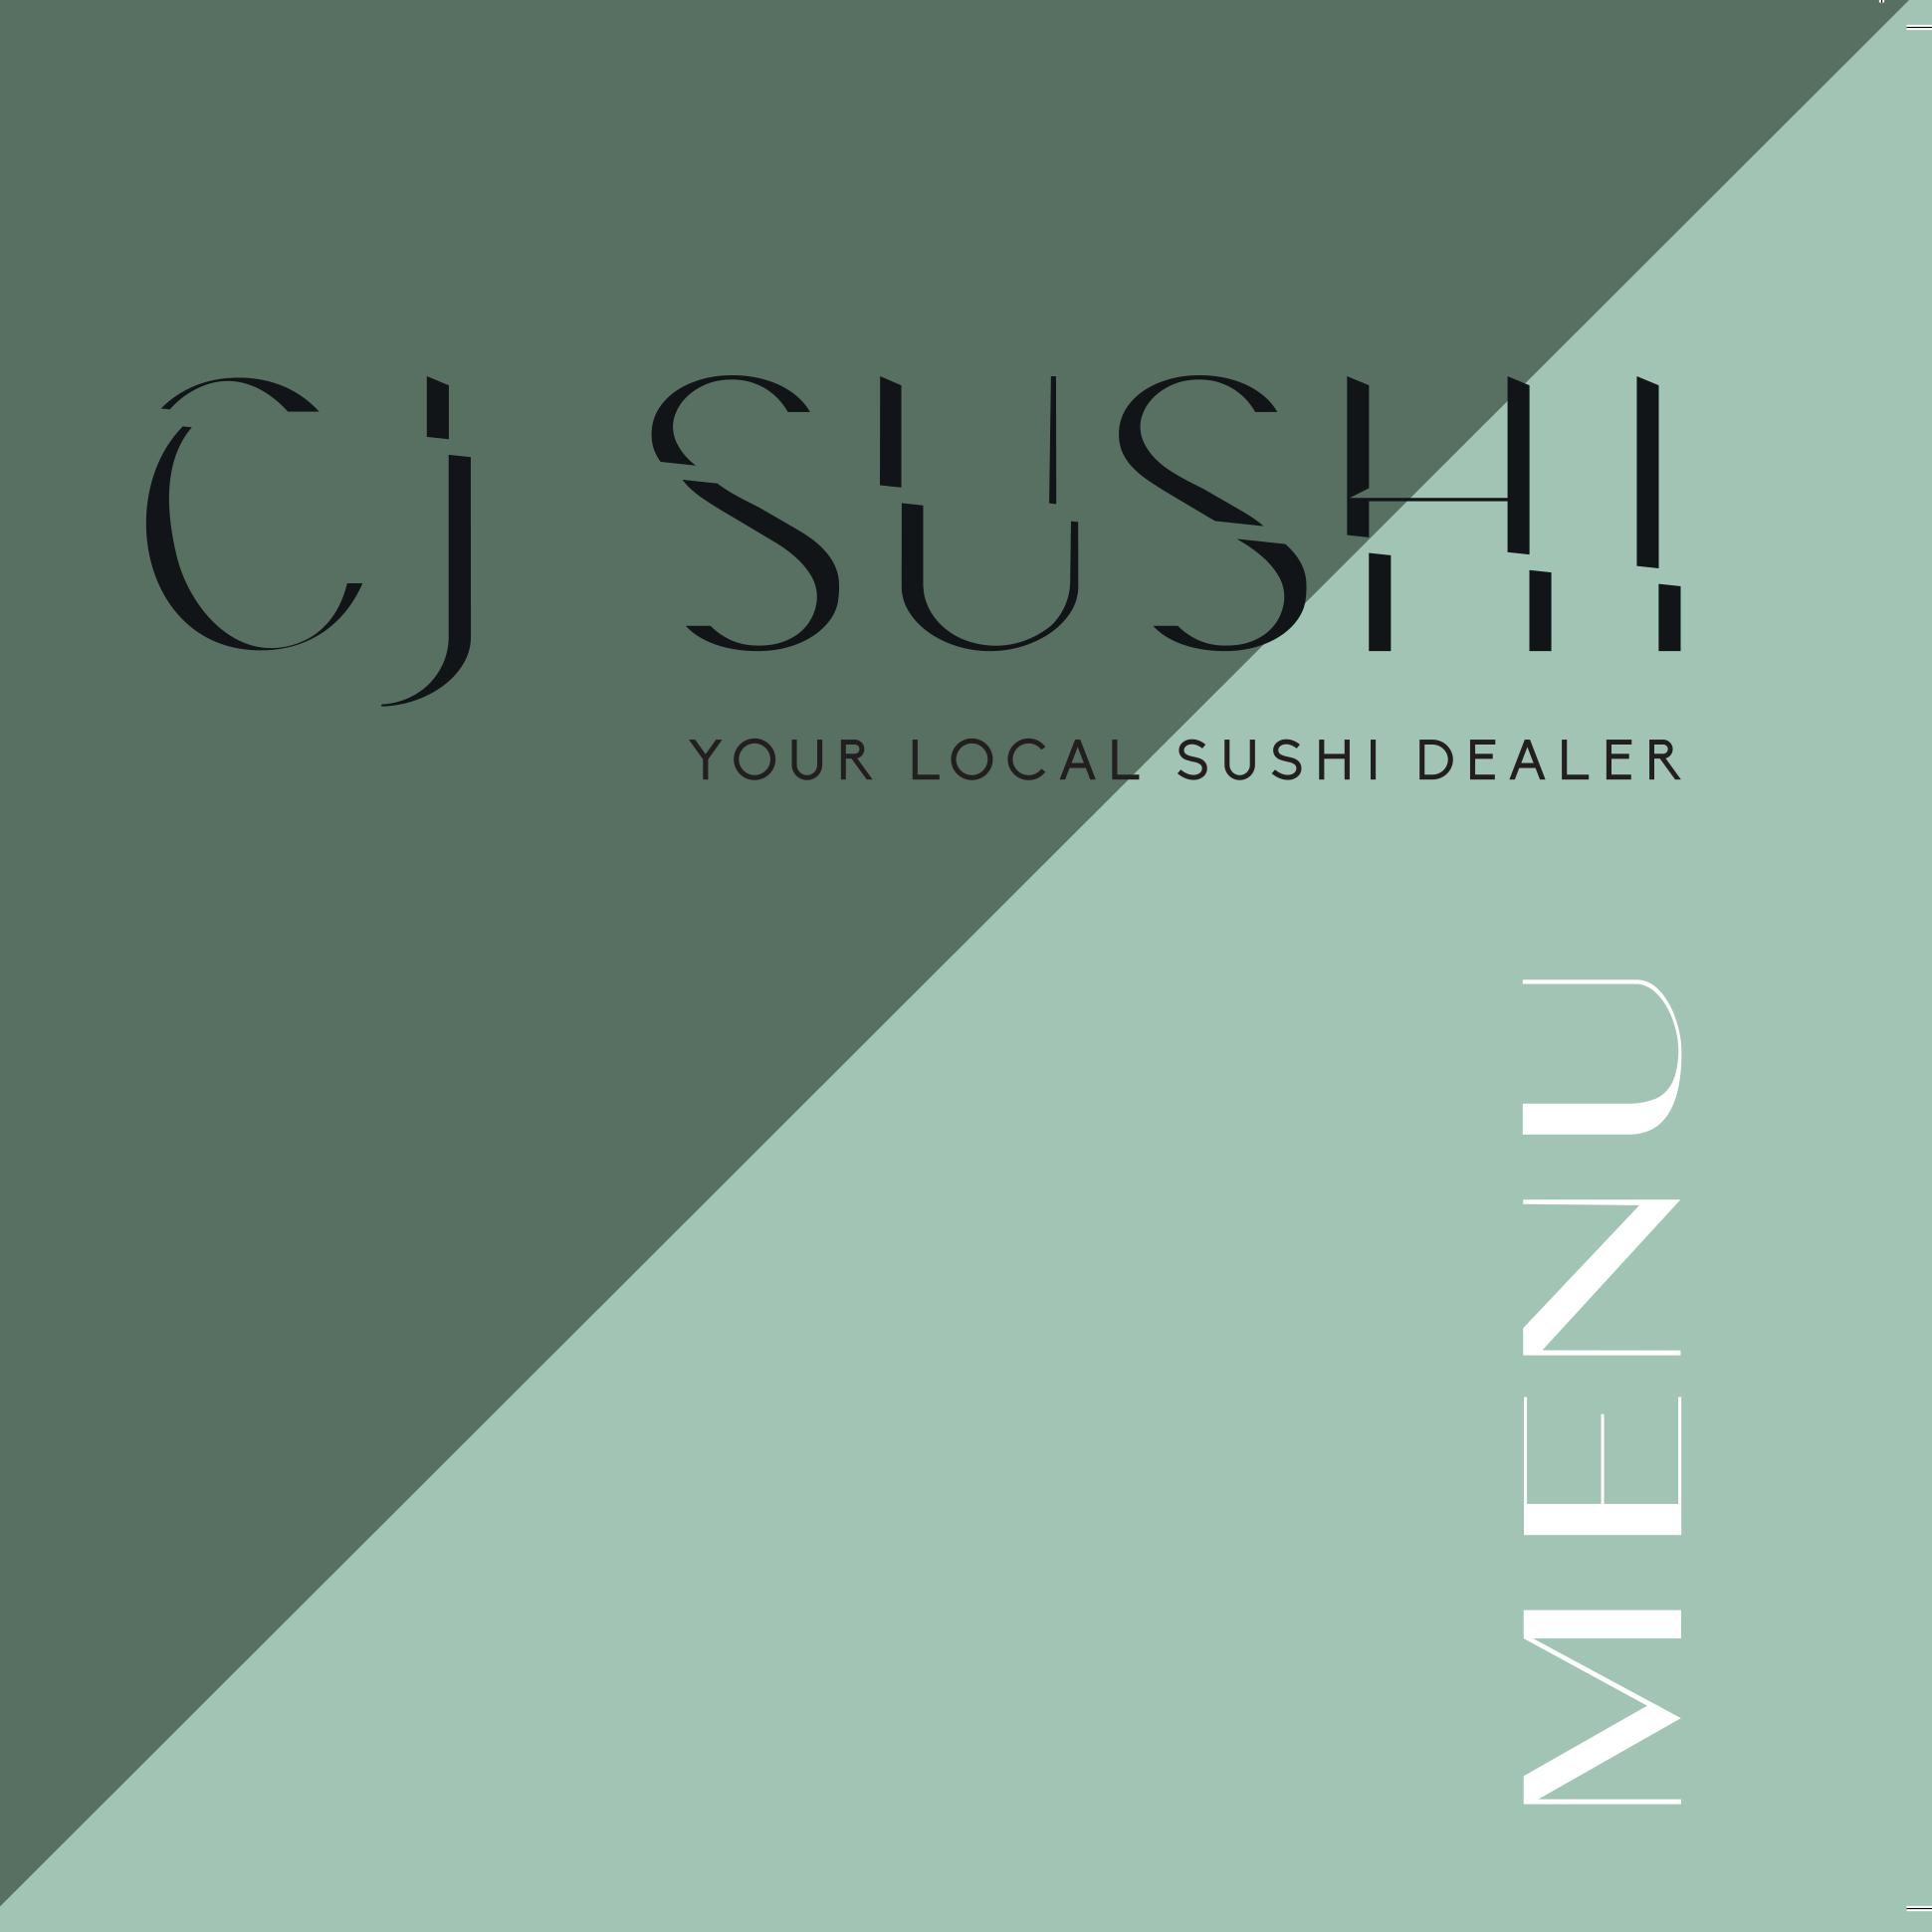 menu3-cjsushi